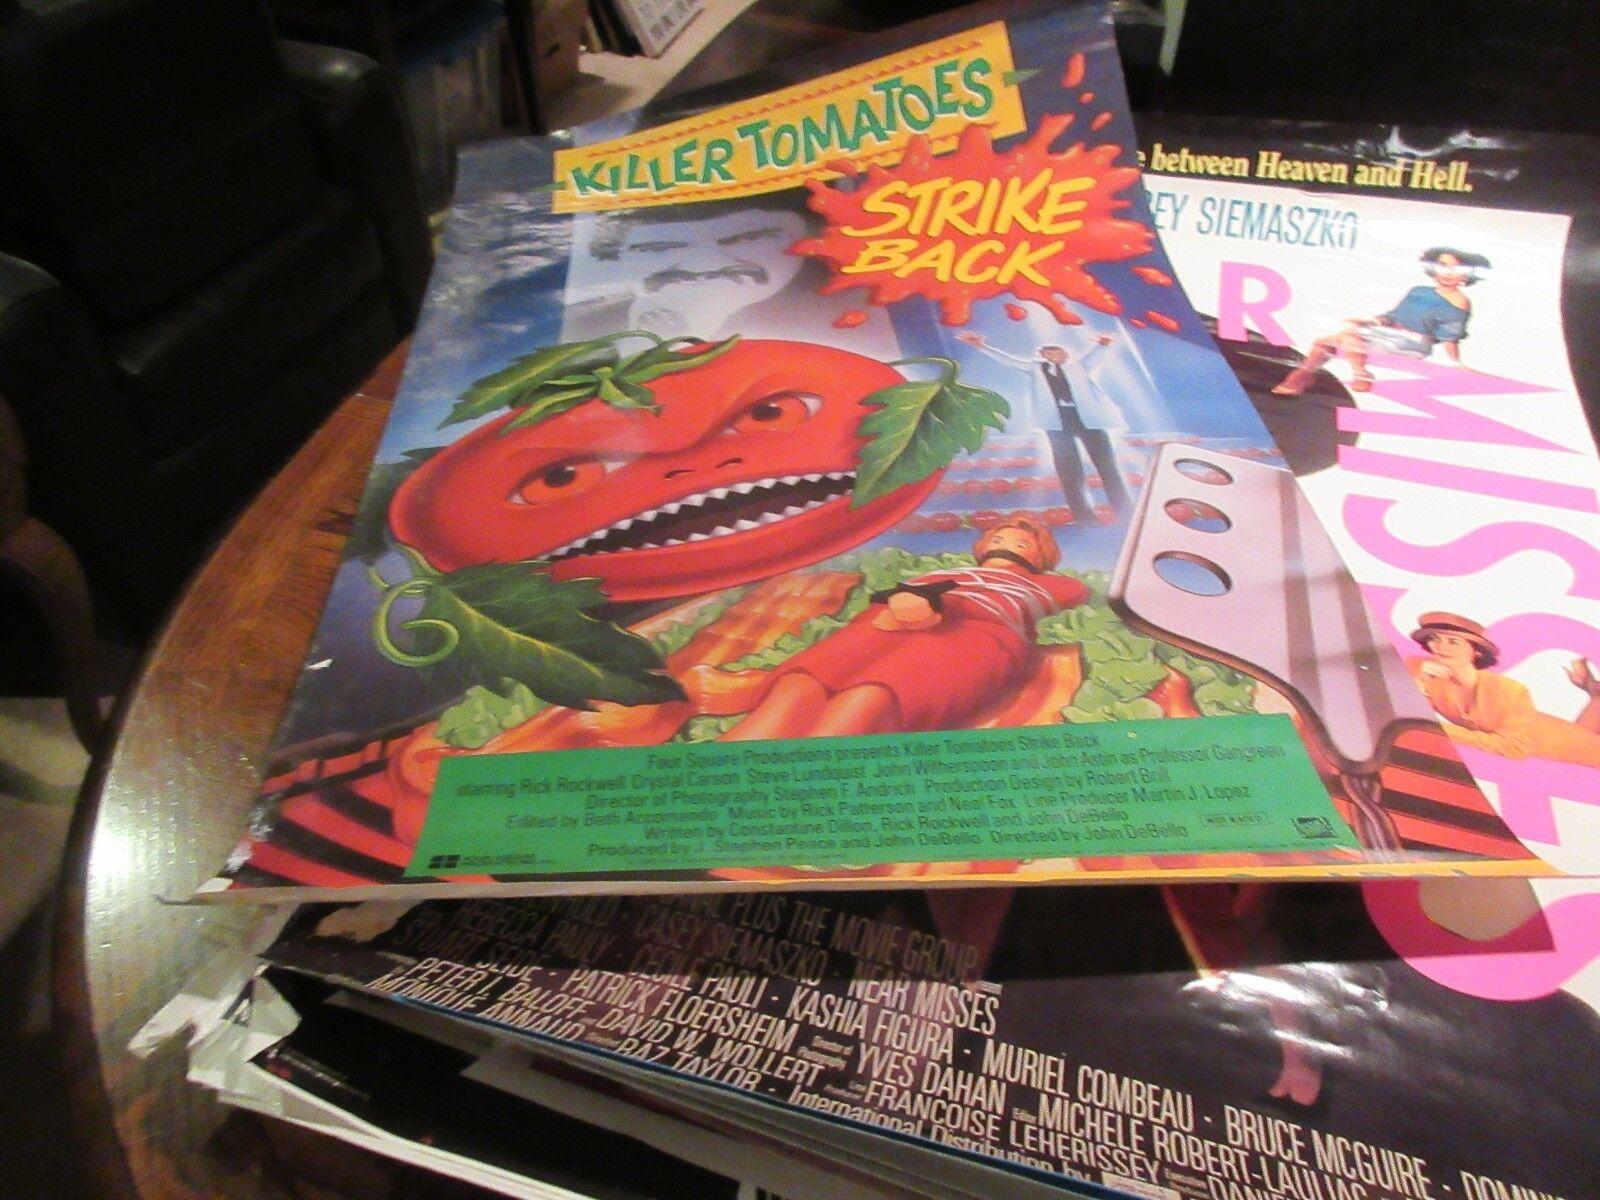 """KIller Tomotoes Strick Back , POSTER , 1990 , 38"""" X 25"""